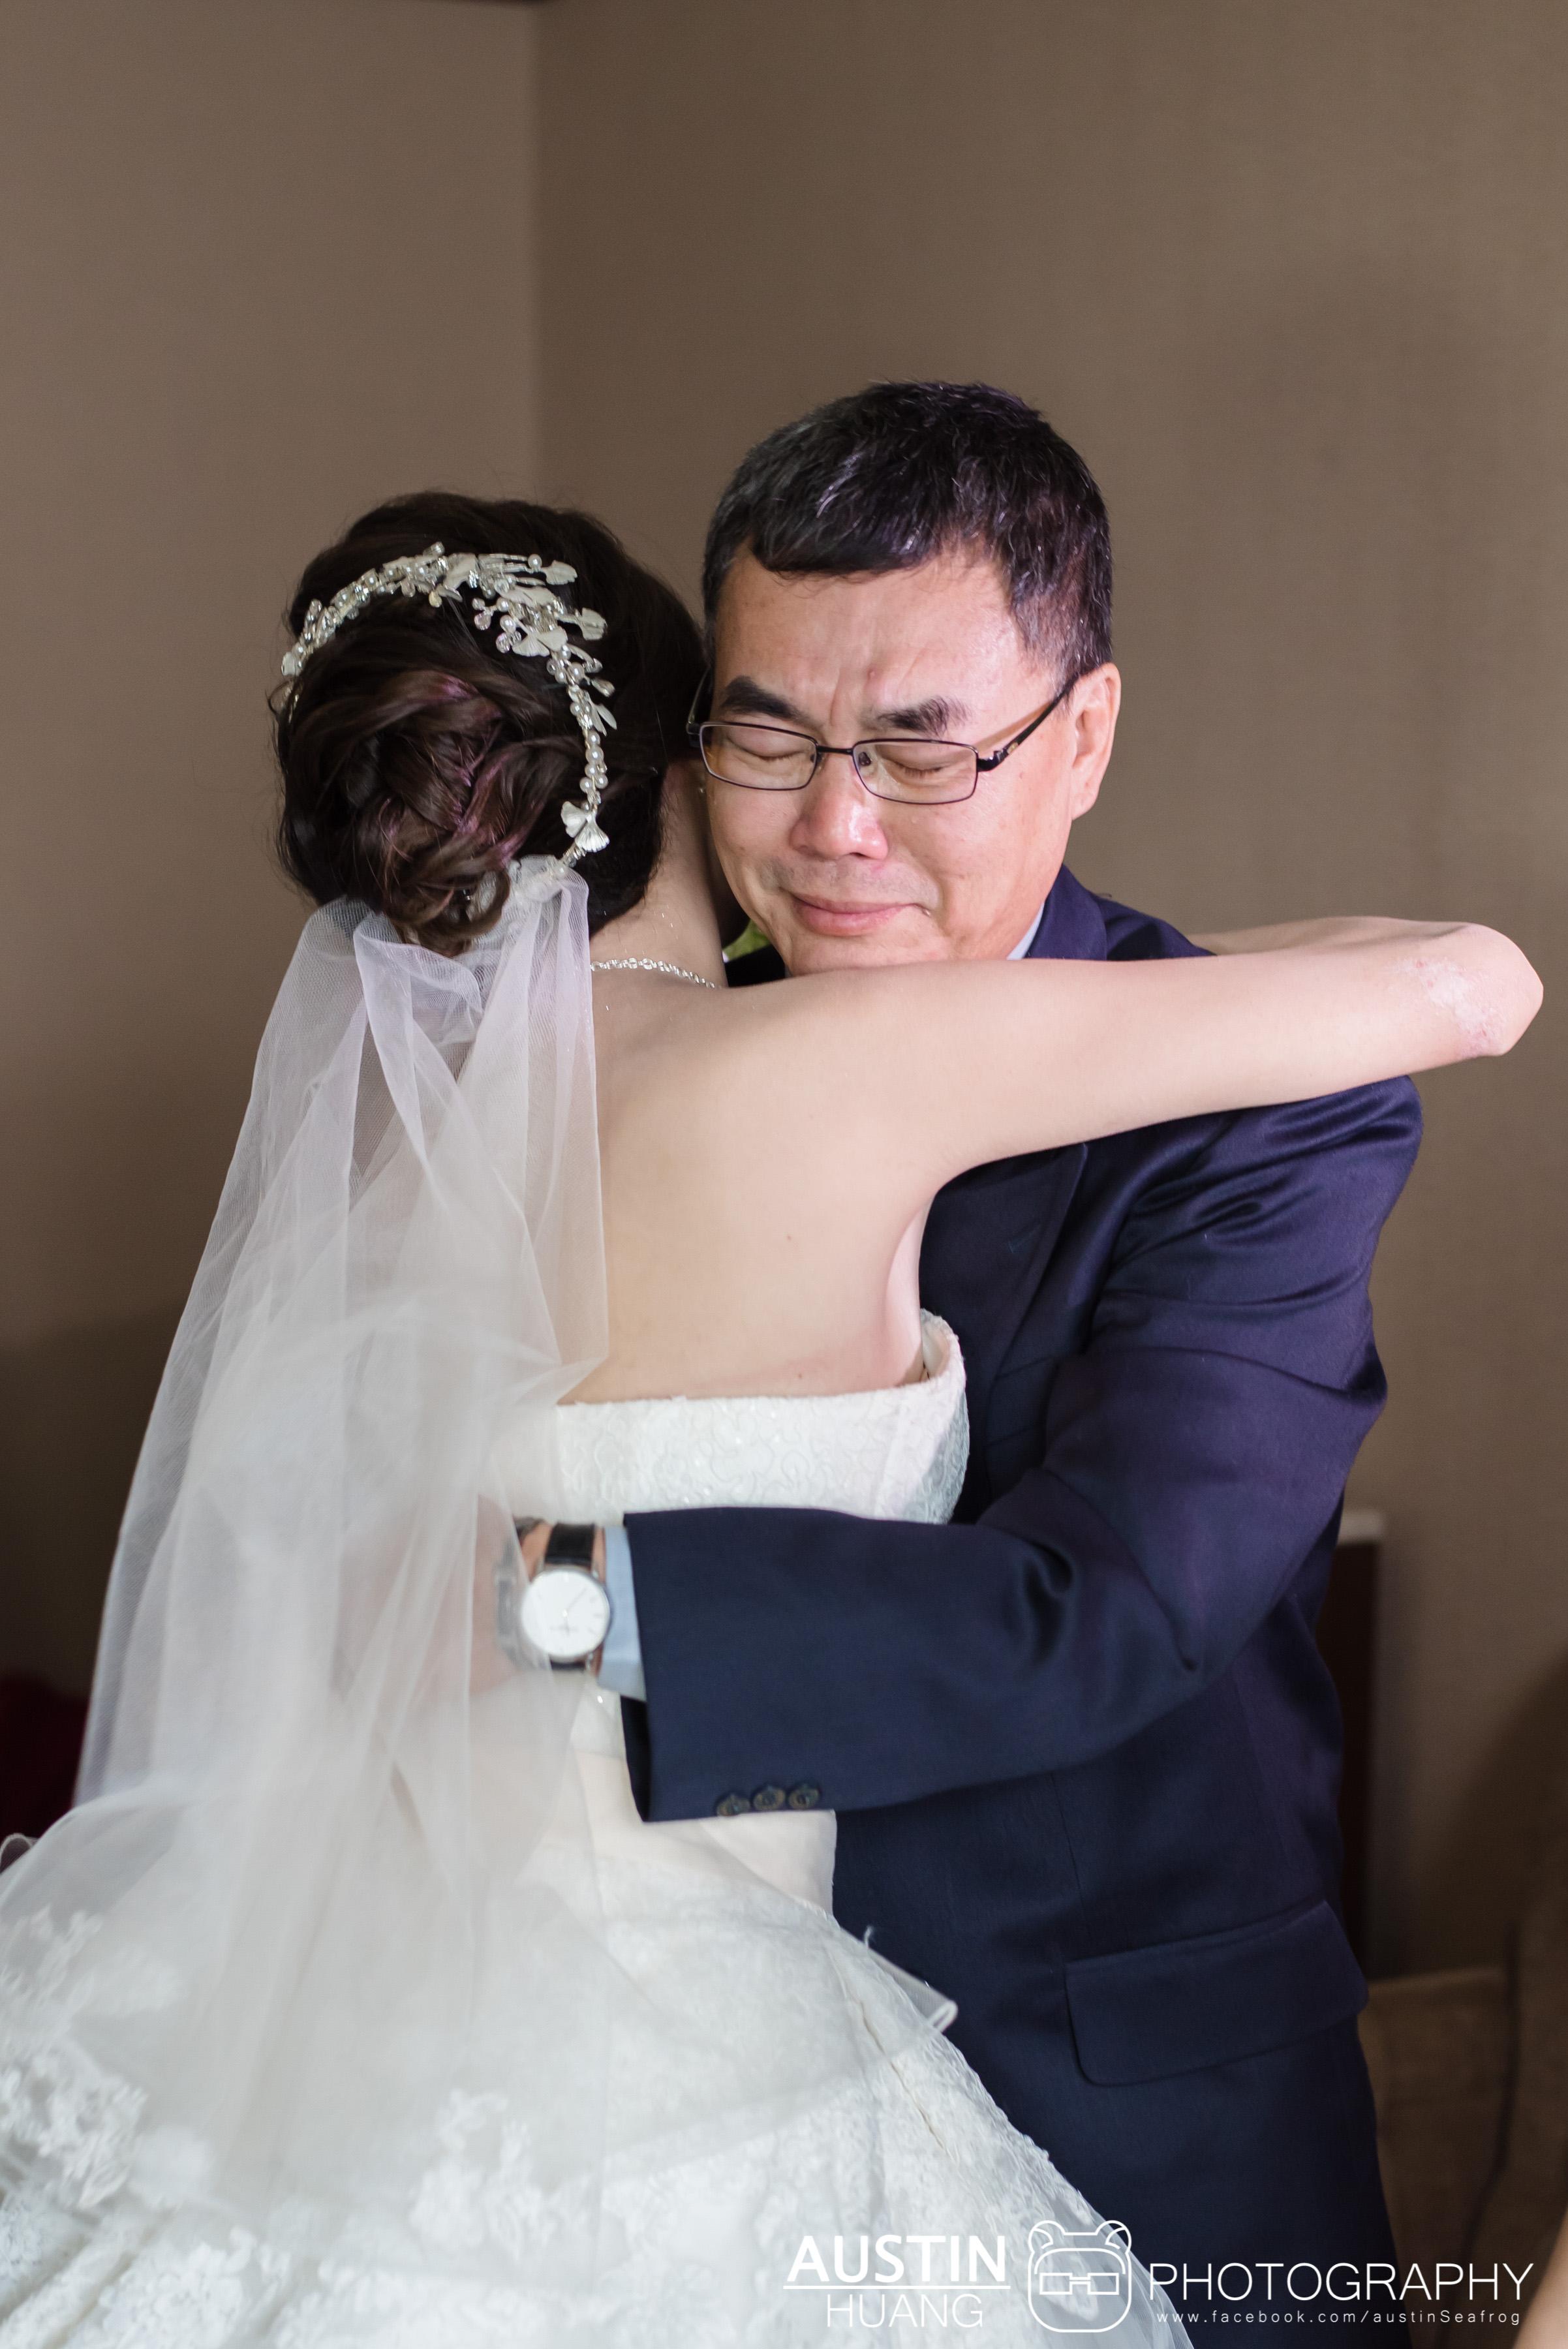 austinseafrog/海蛙攝影/婚攝海蛙婚禮攝影/婚禮紀錄/拍婚禮/婚攝/婚禮錄影/新祕/國賓大飯店/拜別